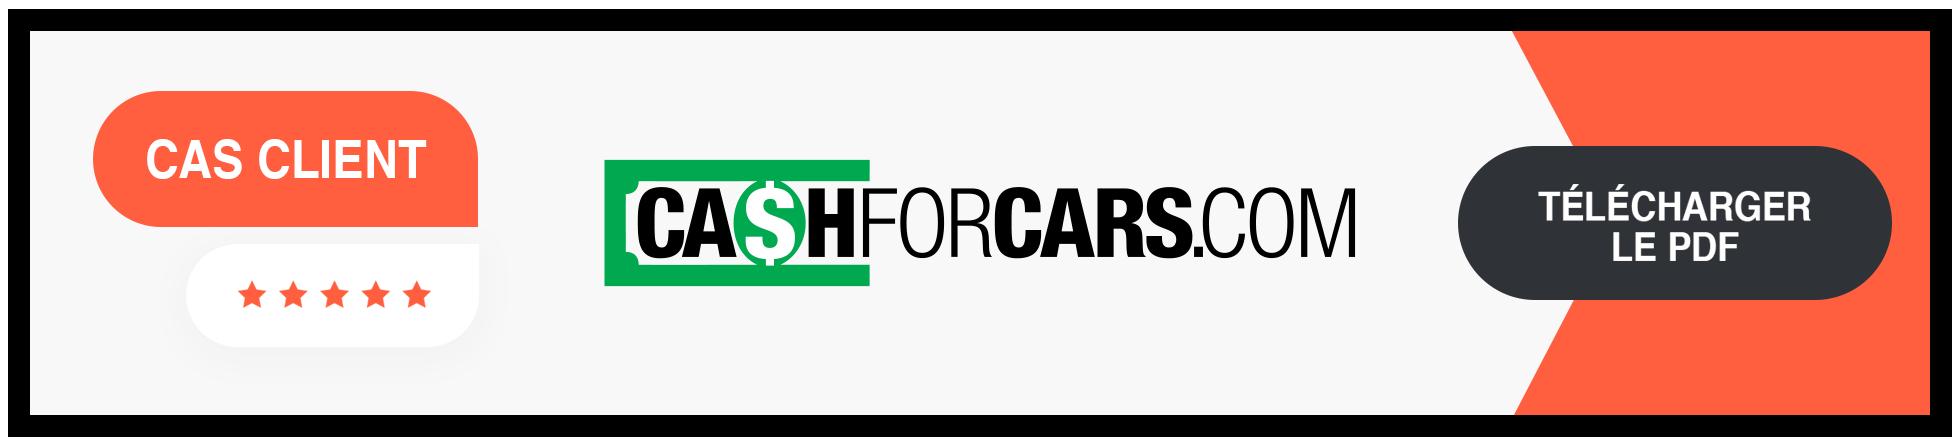 Cas Client Cash for Cars